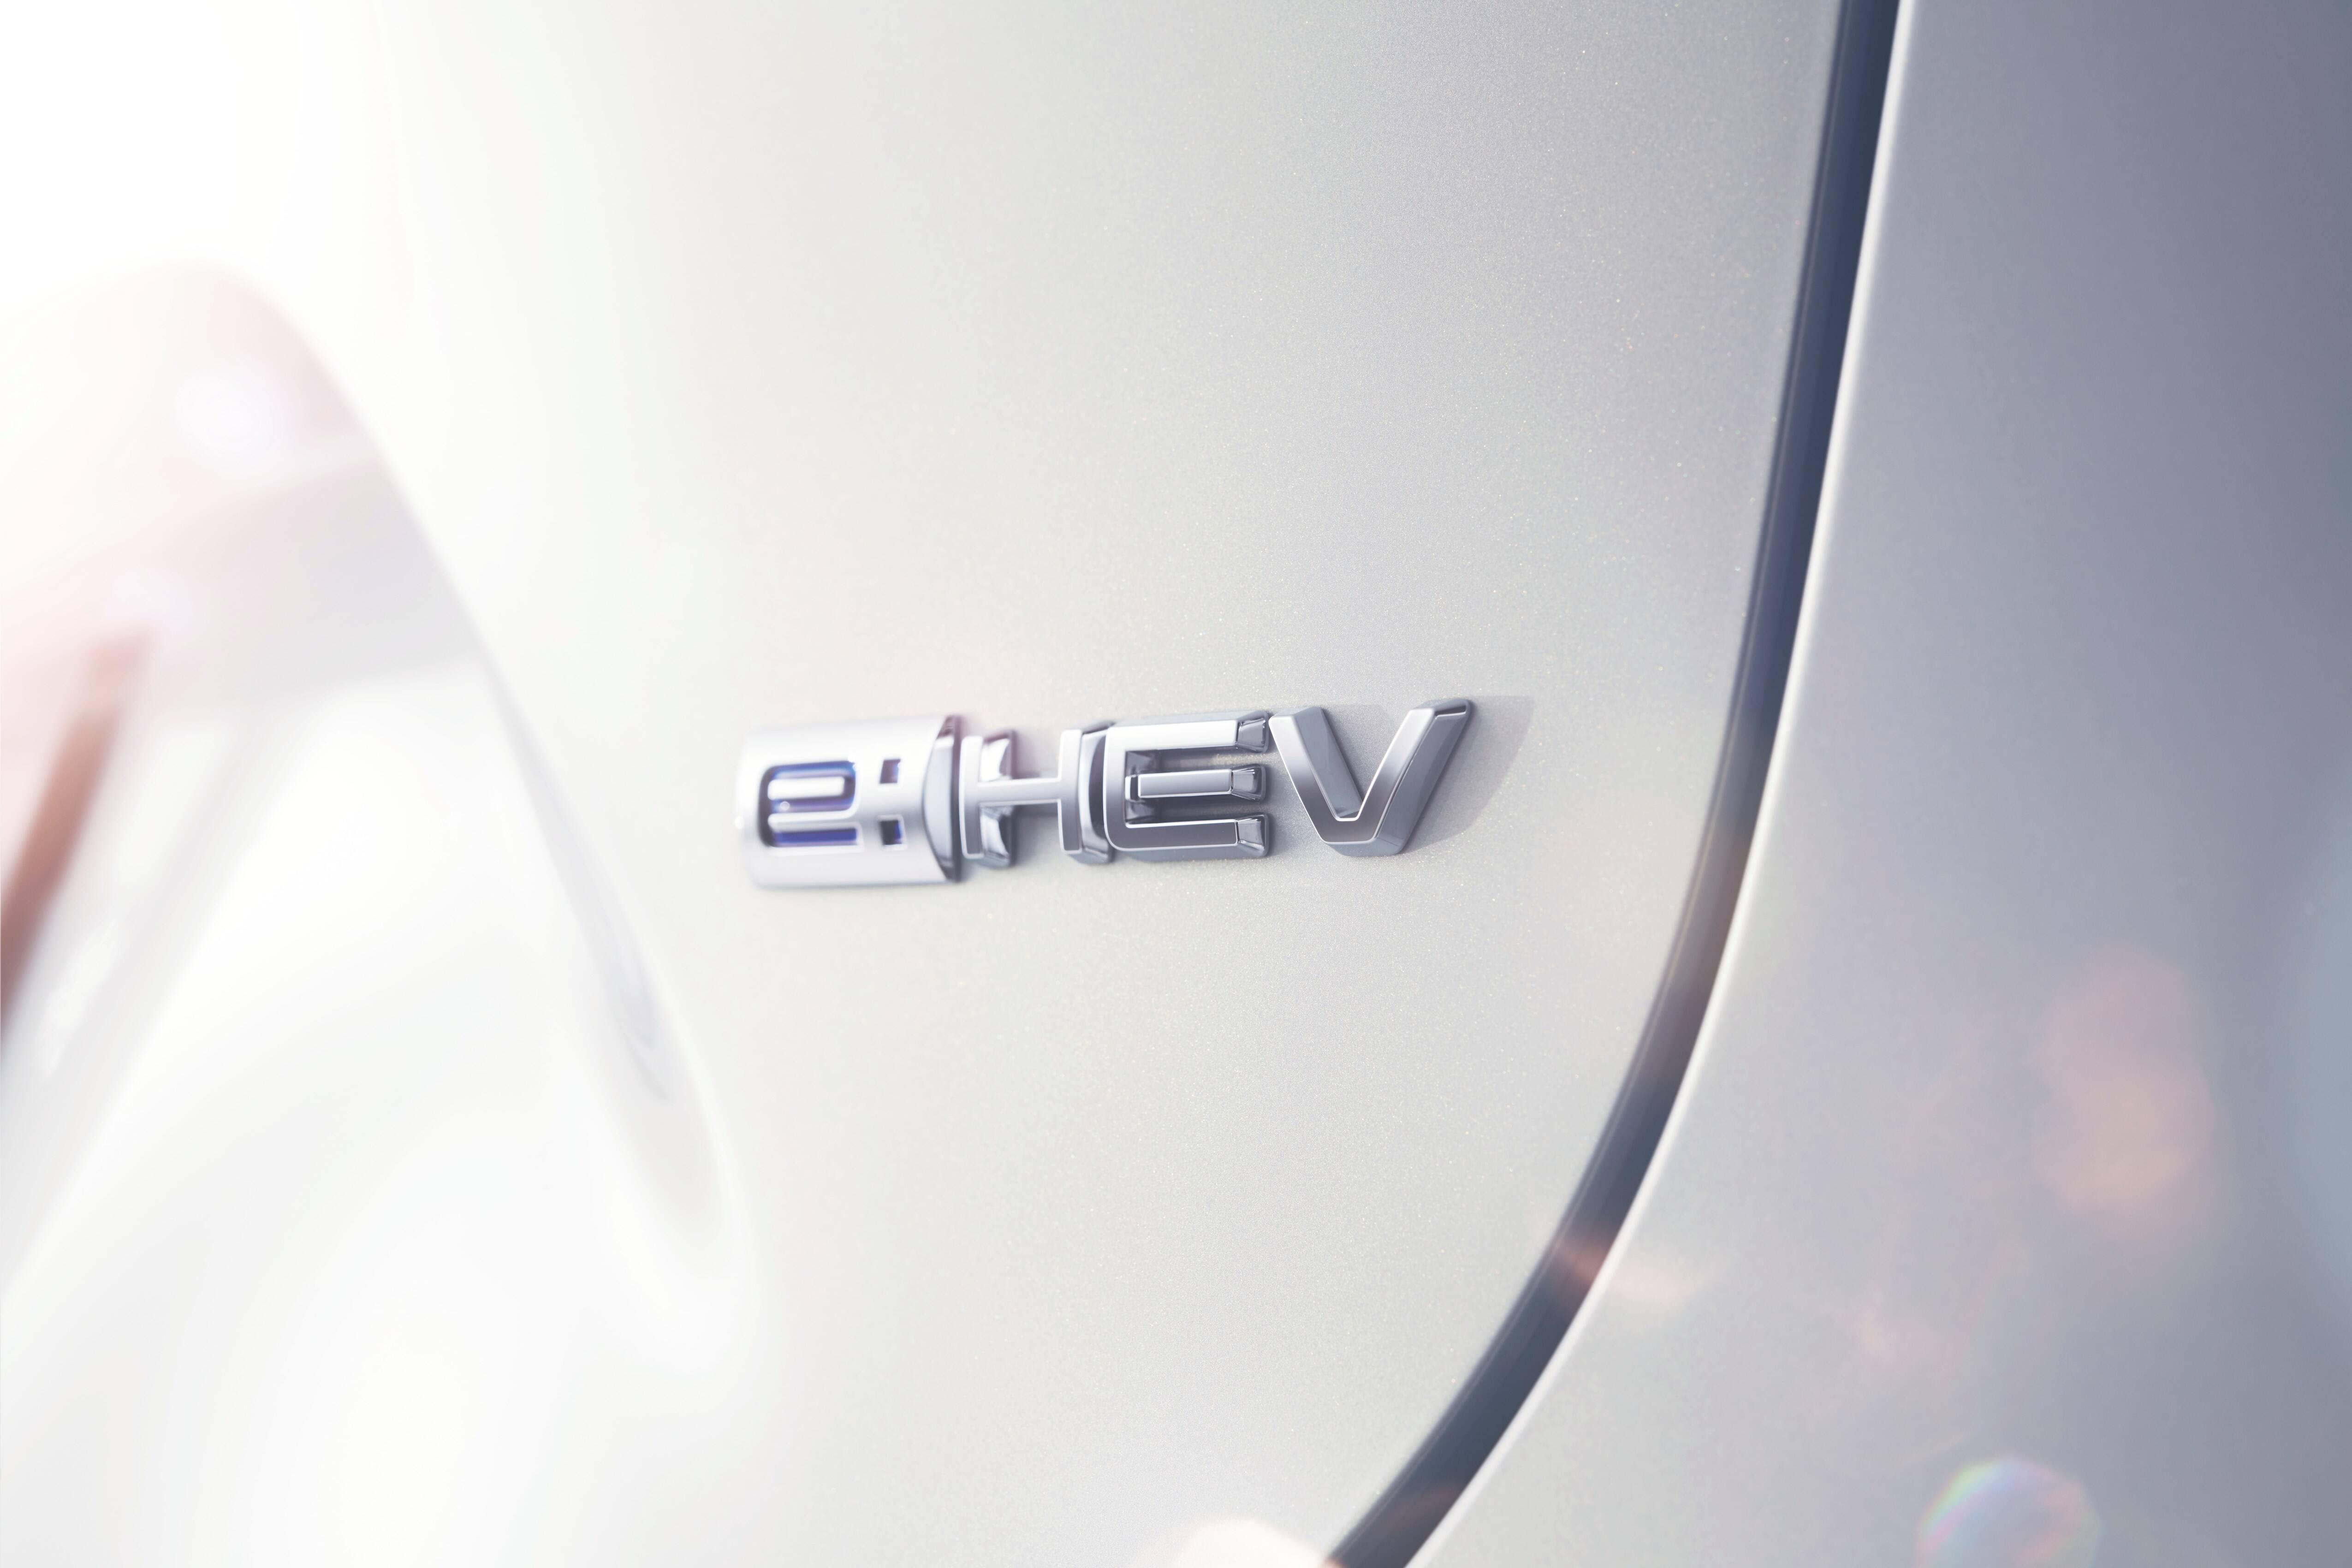 Nova geração do HR-V terá apenas a motorização híbrida na Europa. Foto: Divulgação